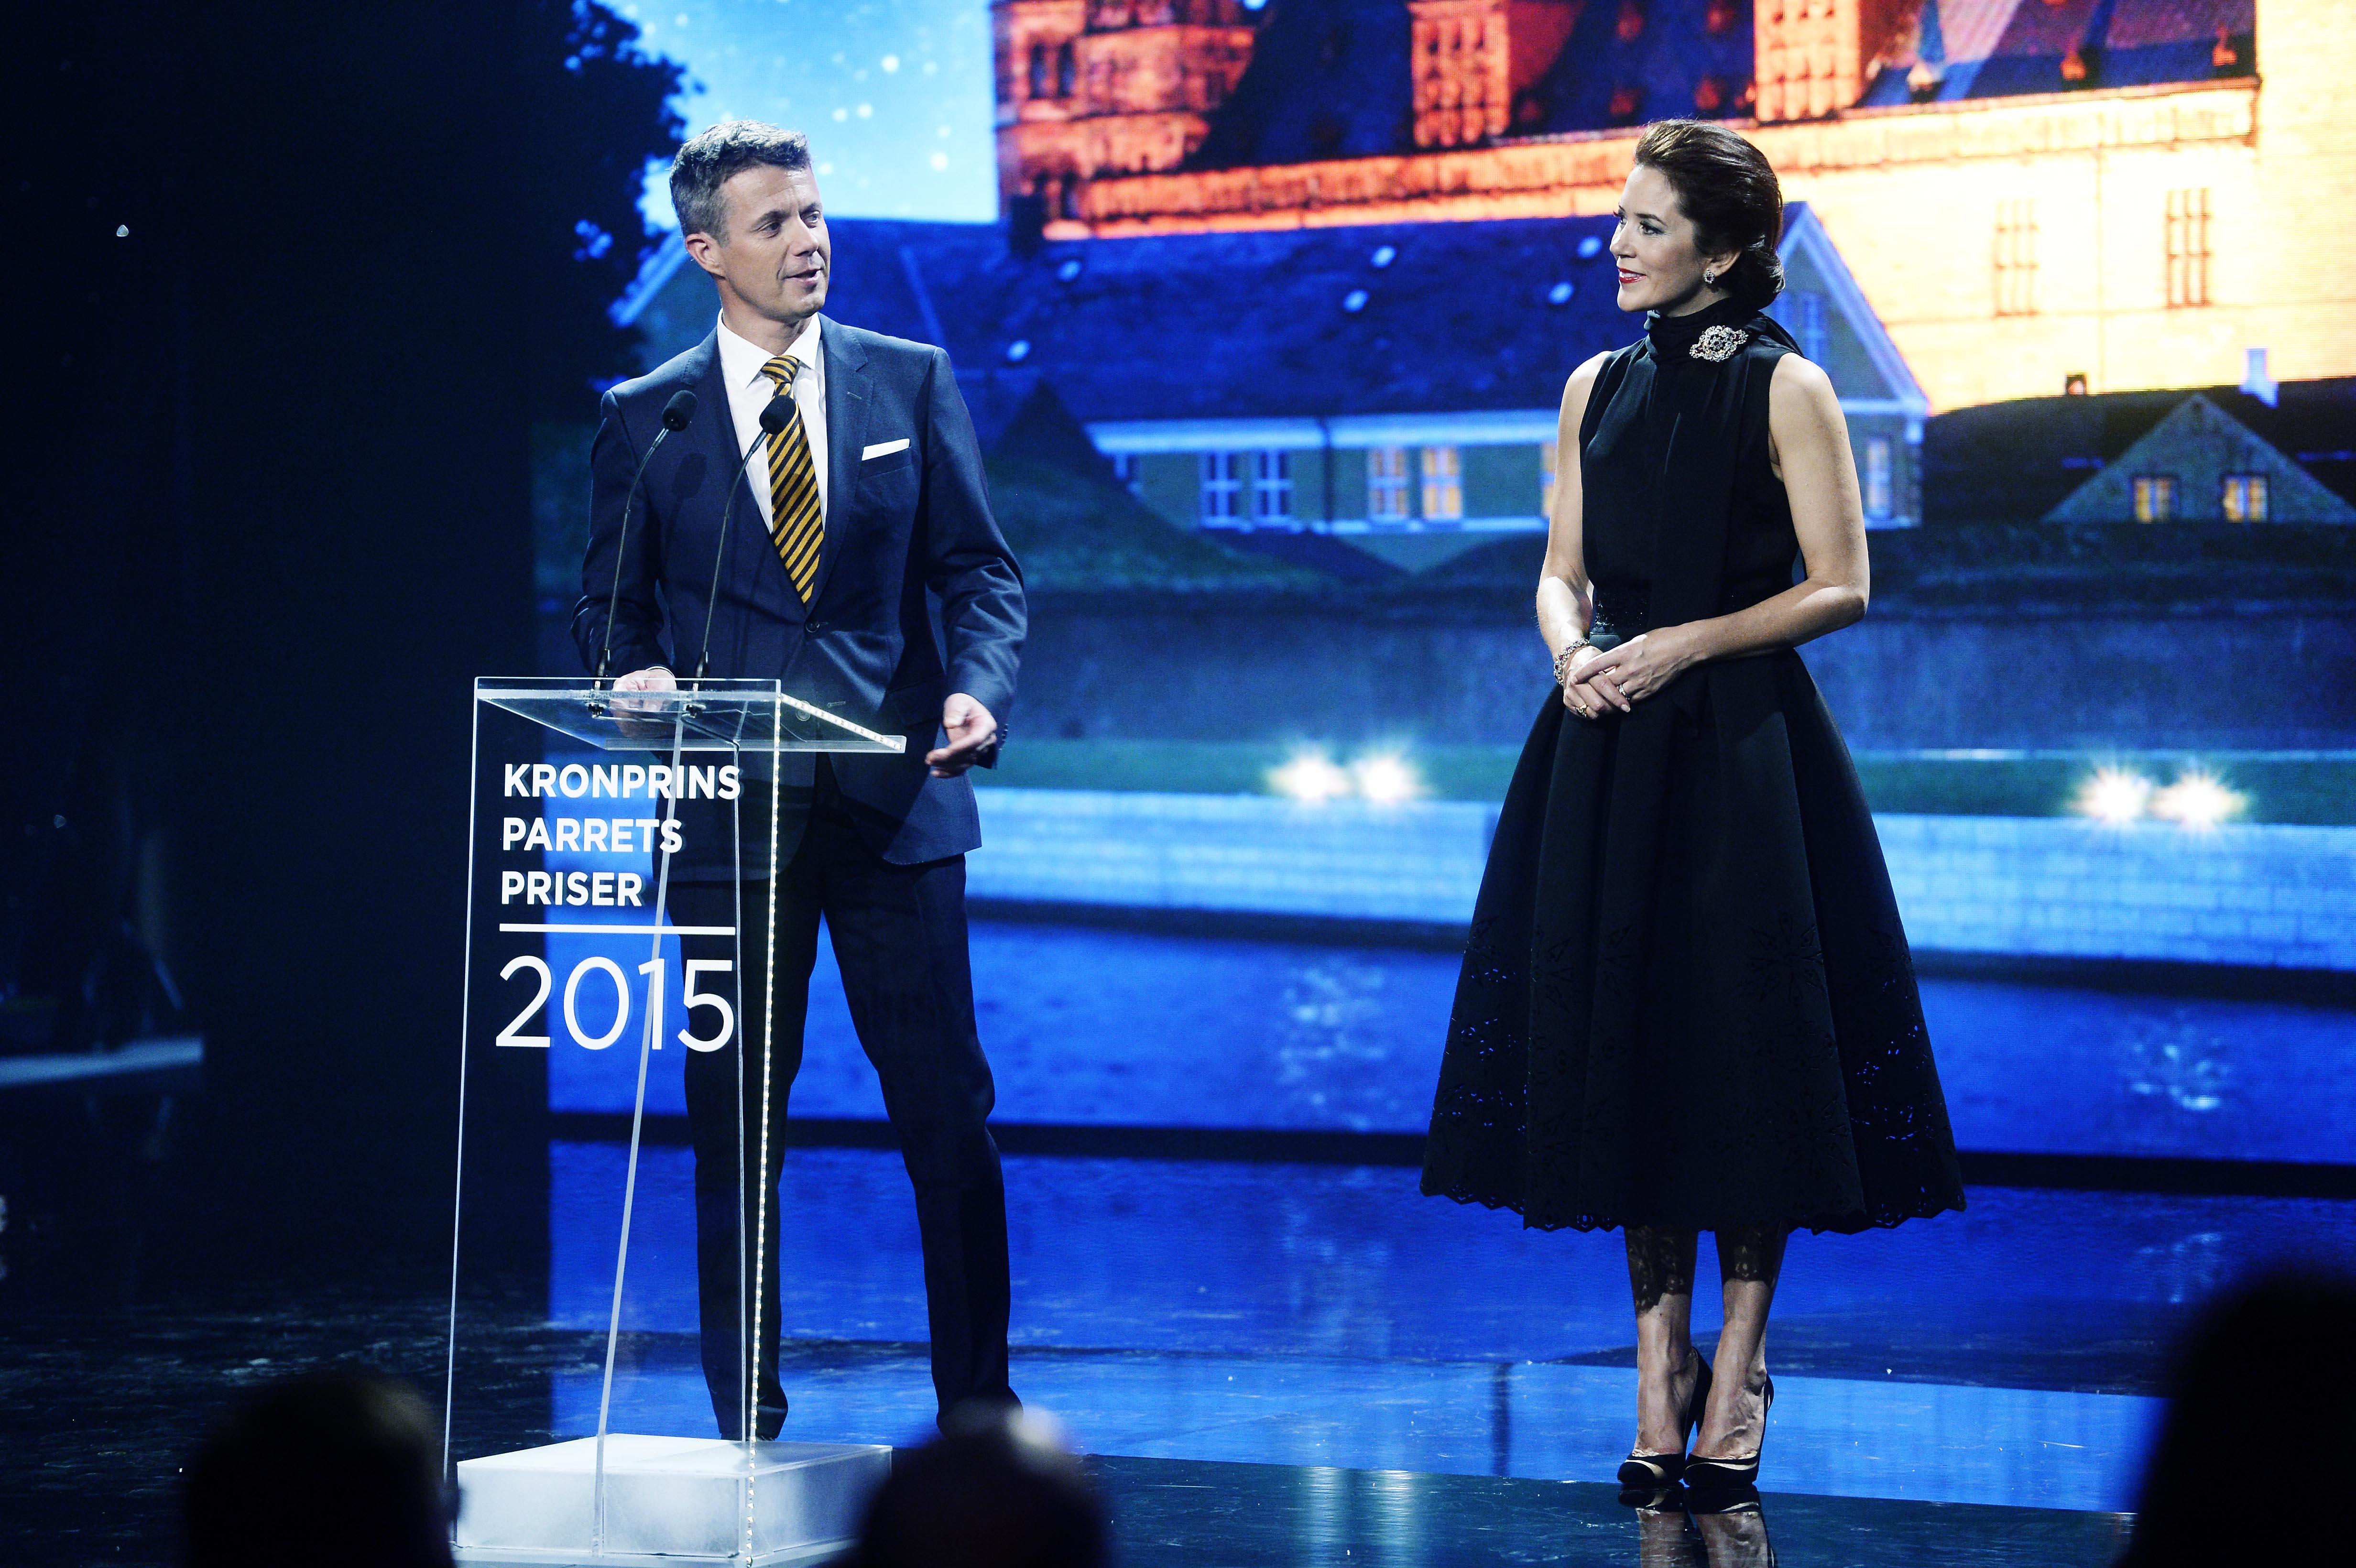 Frederik og Mary Kronprinspar Kronprinsparrets Priser 2015